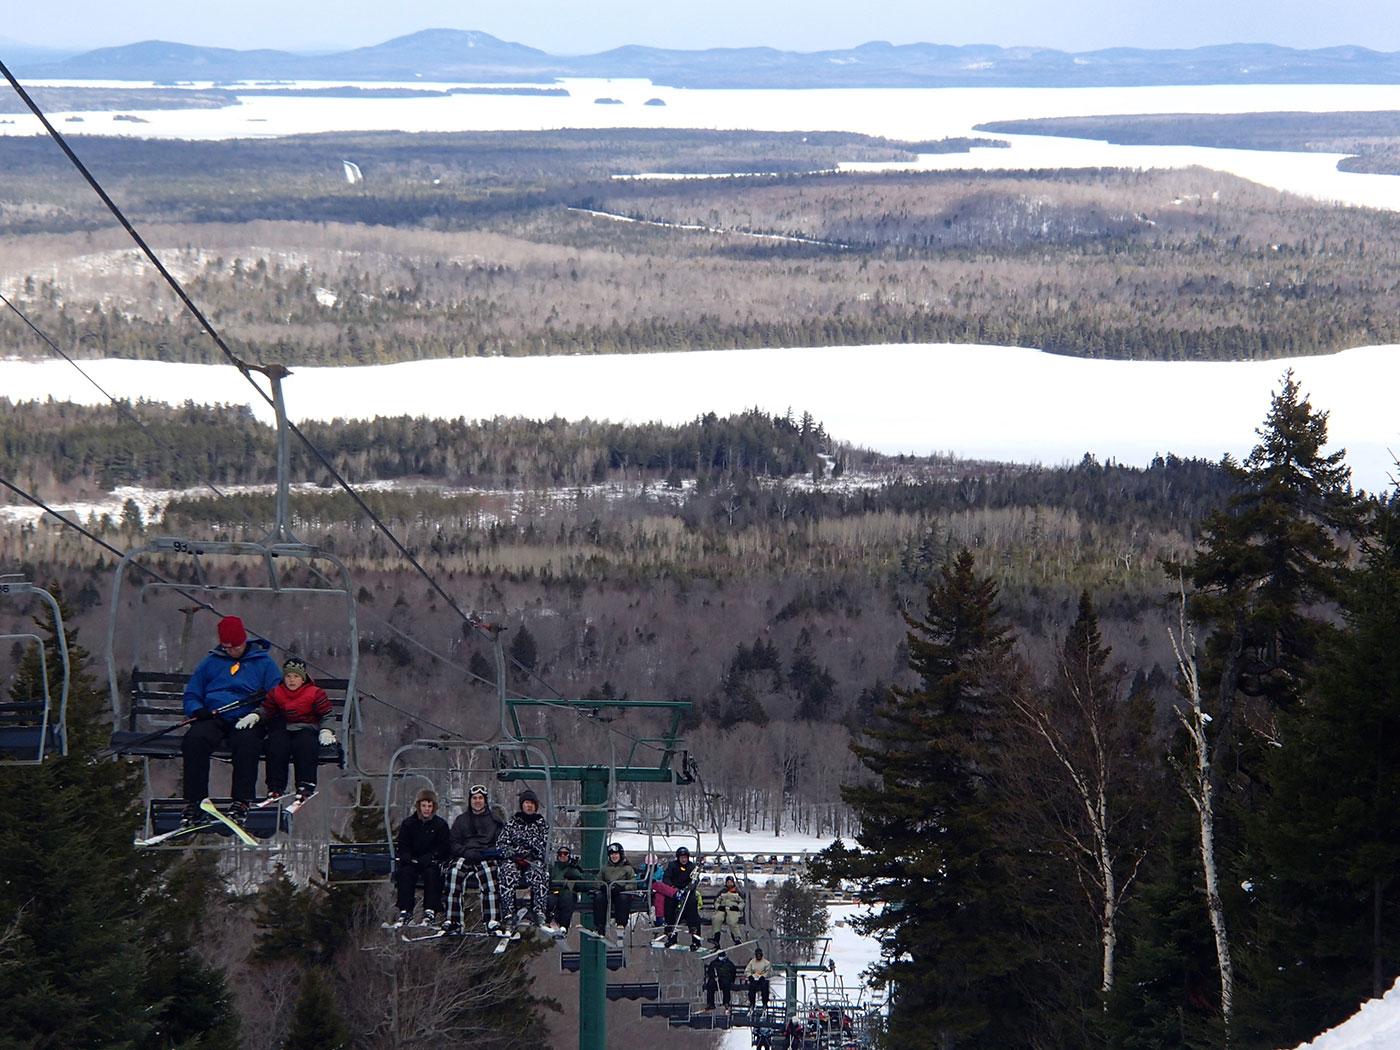 Big Moose Mountain Ski Resort